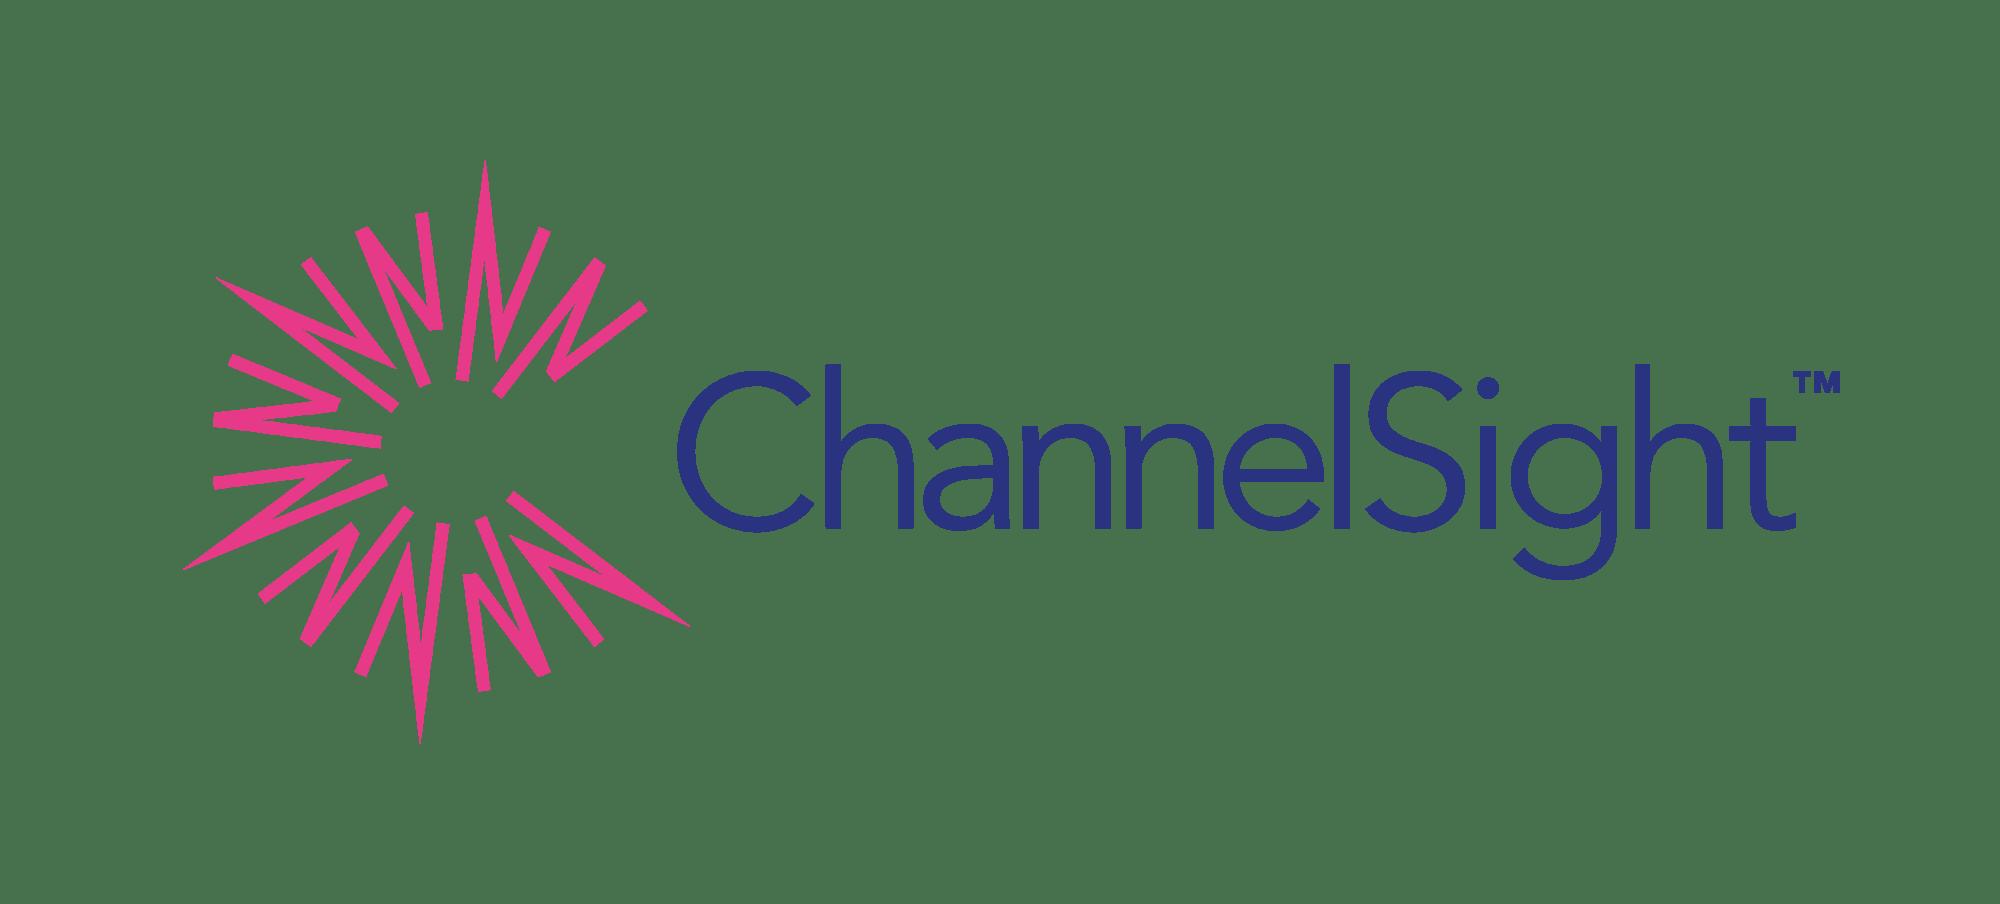 ChannelSight brandmark